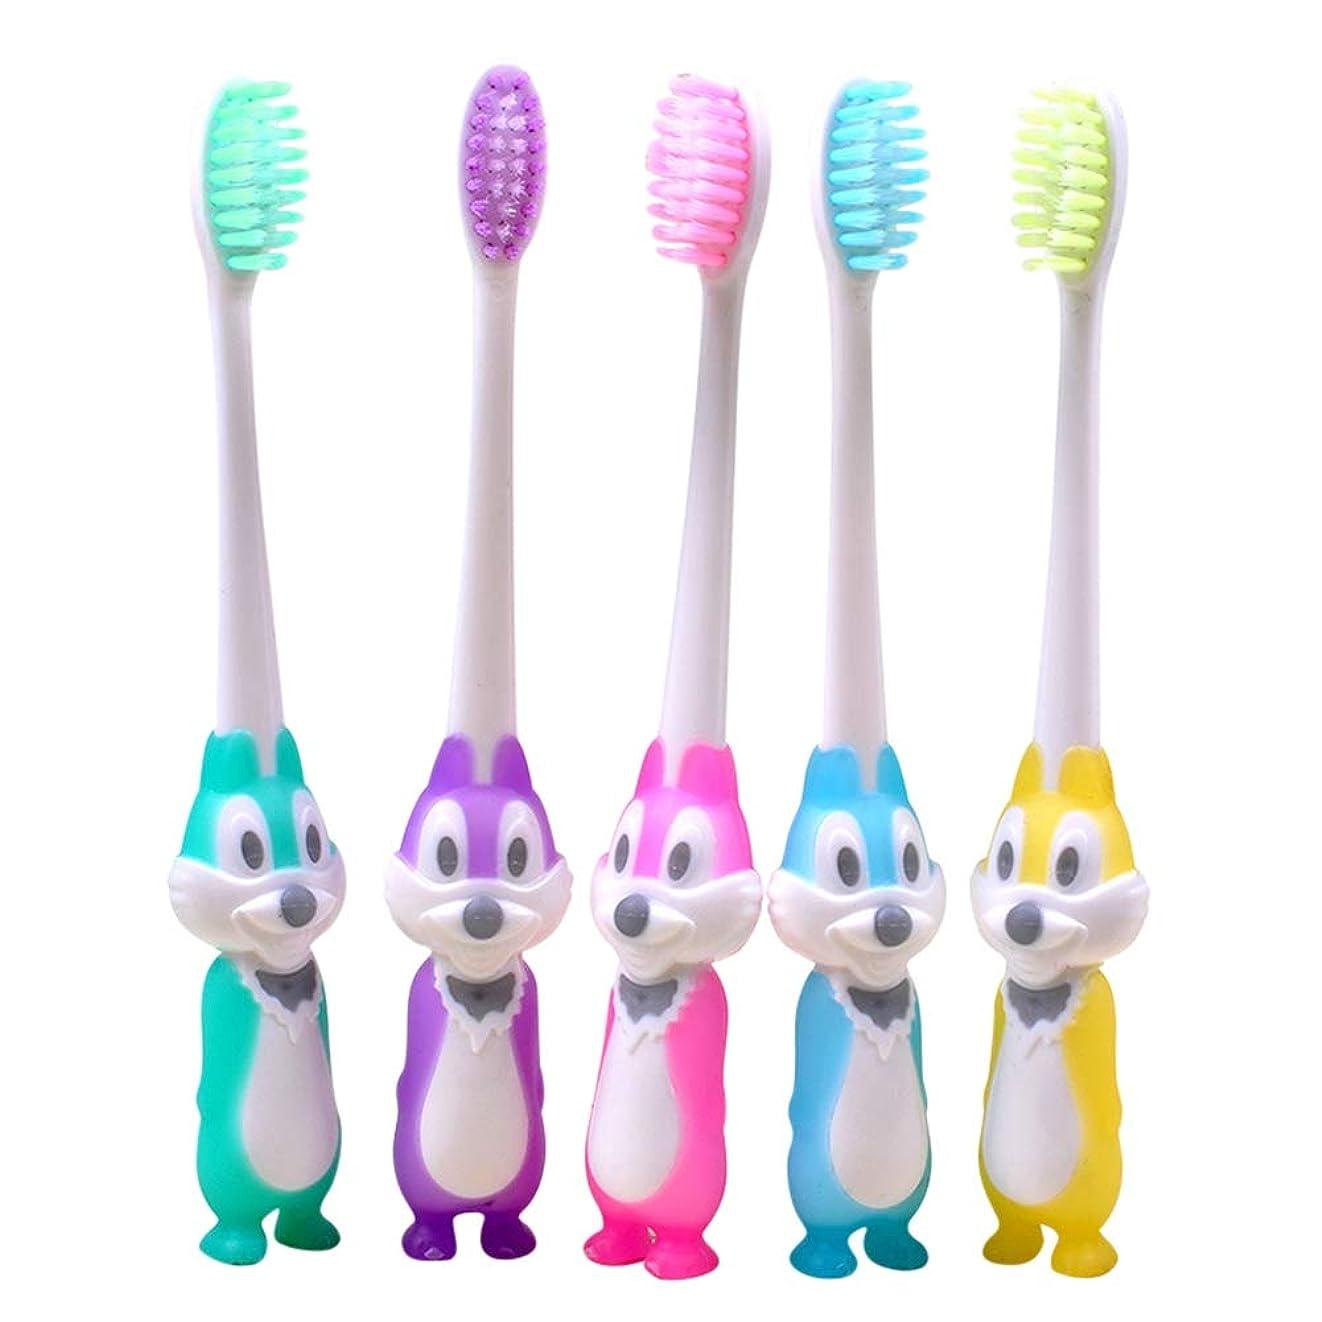 実行天対抗Rad子供 赤ちゃん漫画形状ソフト歯ブラシ子供歯科口腔ケアブラシツール歯ブラシ